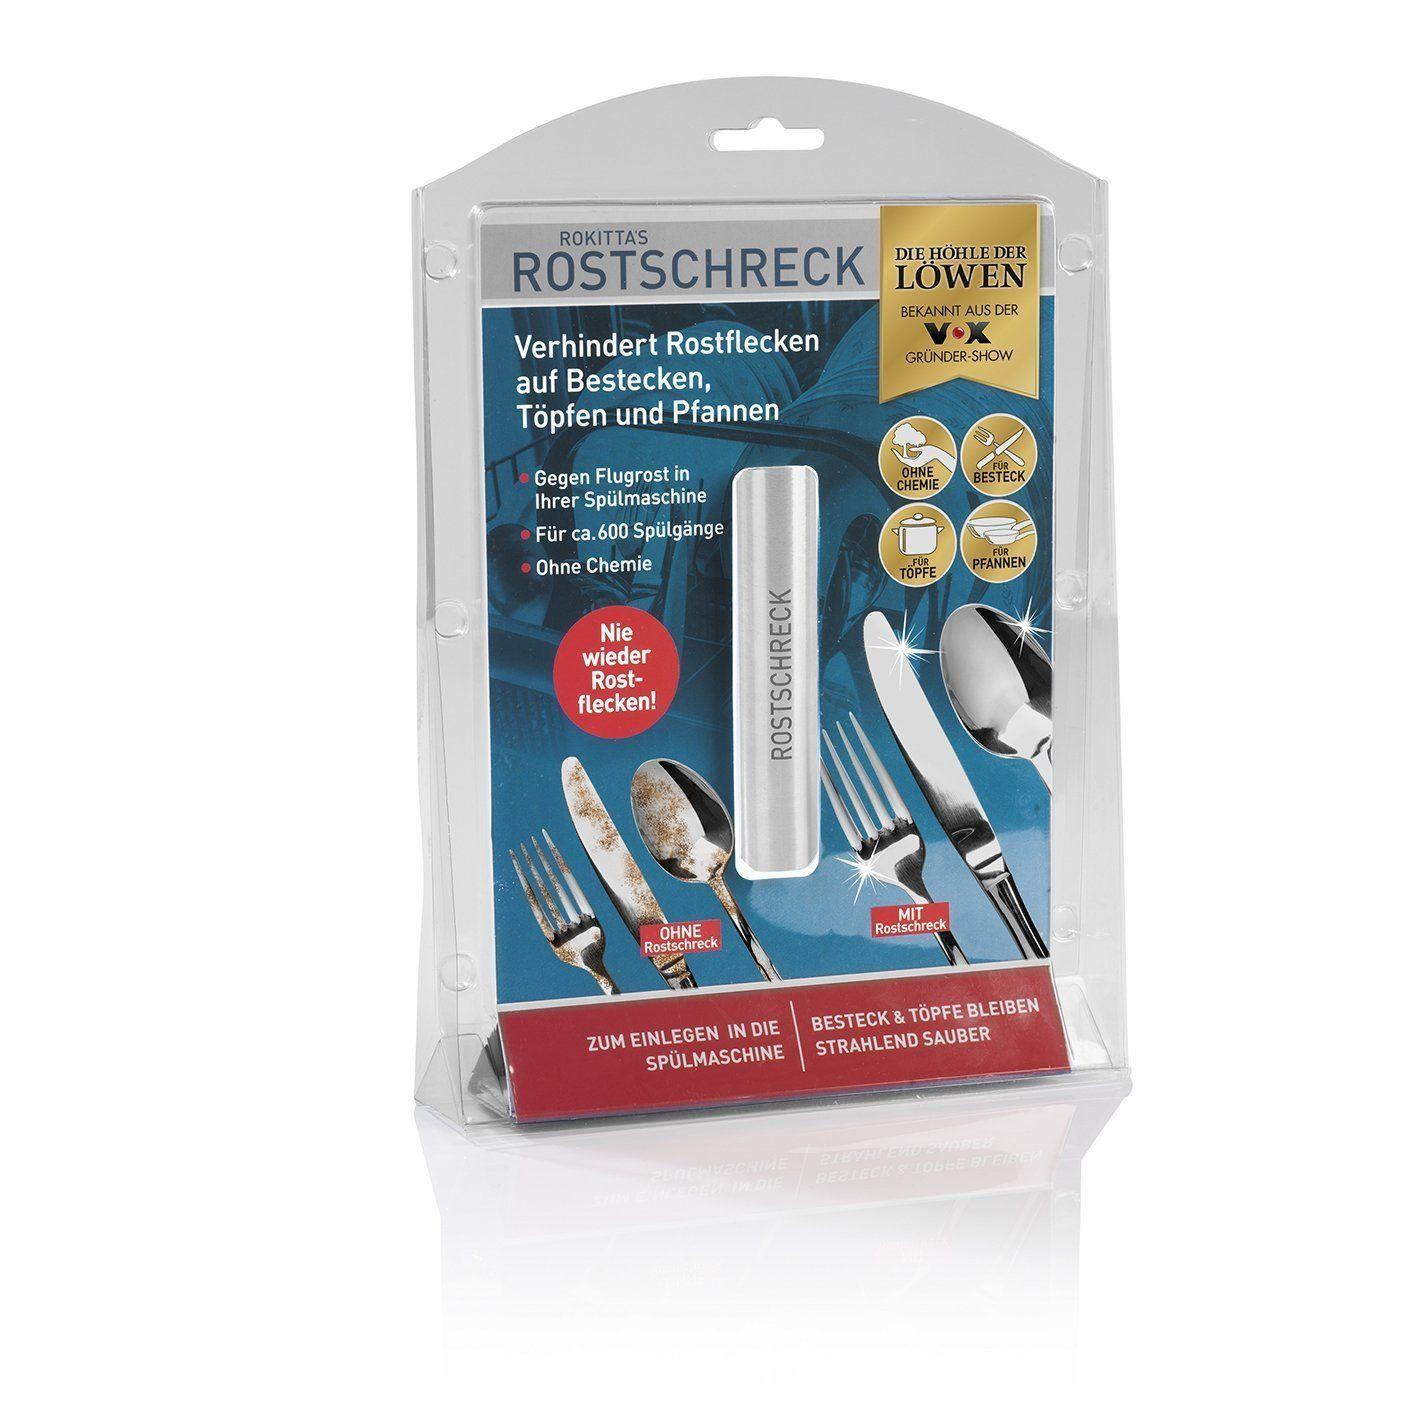 Rokitta Rostschreck